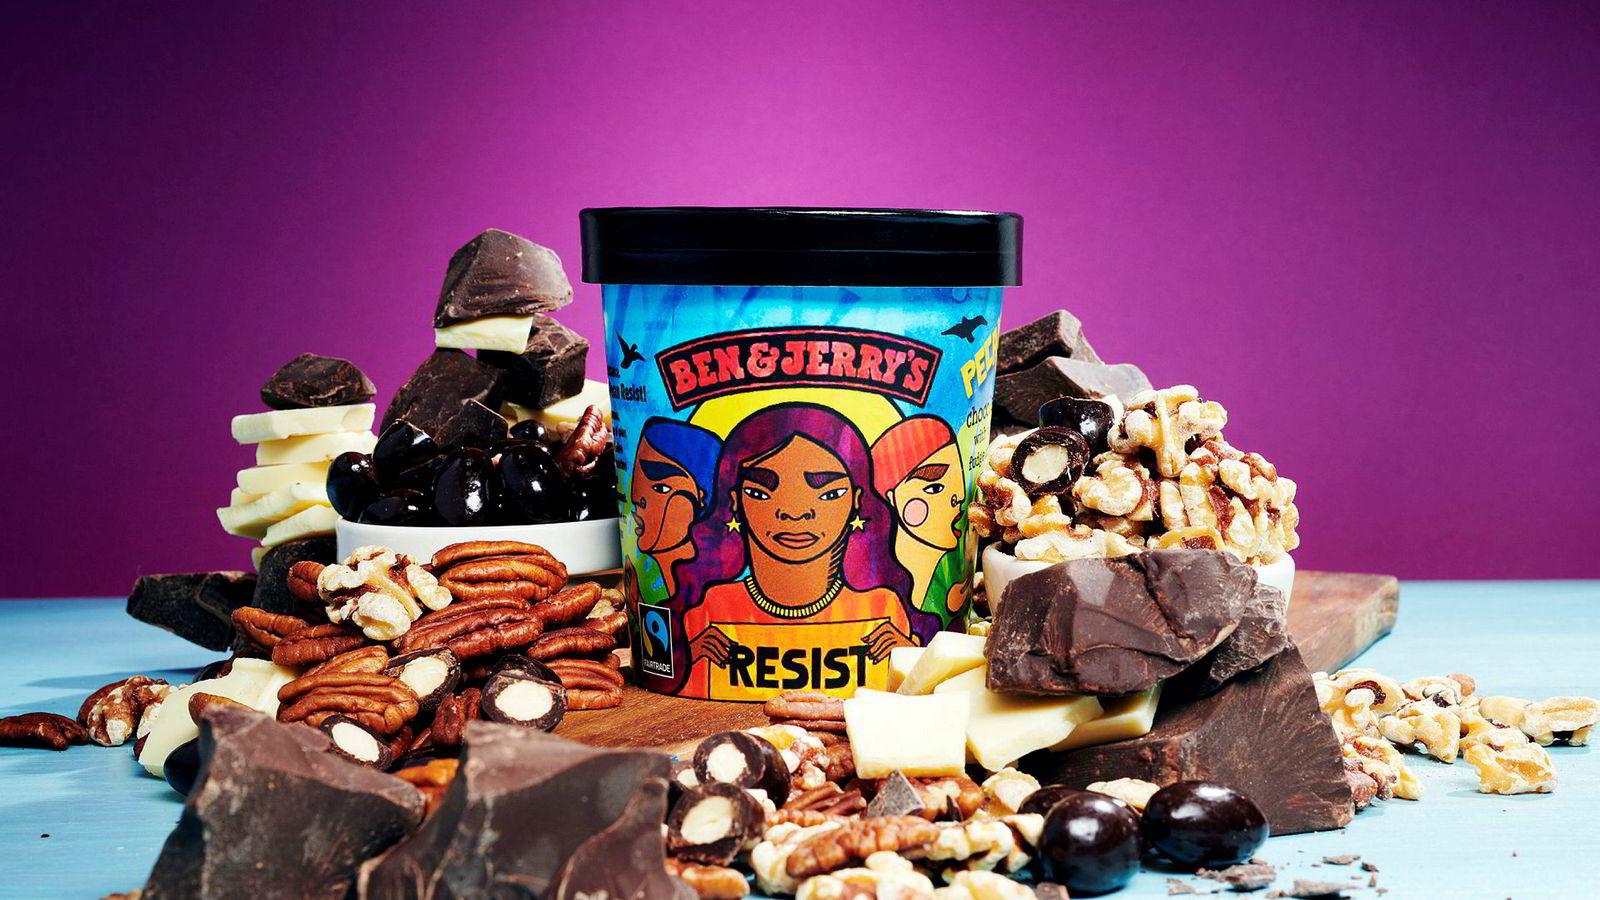 Ben & Jerry's lanserte tidligere i år iskremen Pecan Resist – iskremen som er mot den amerikanske presidenten Donald Trump og for miljø, likestilling mellom kjønn og raser og immigrantrettigheter.